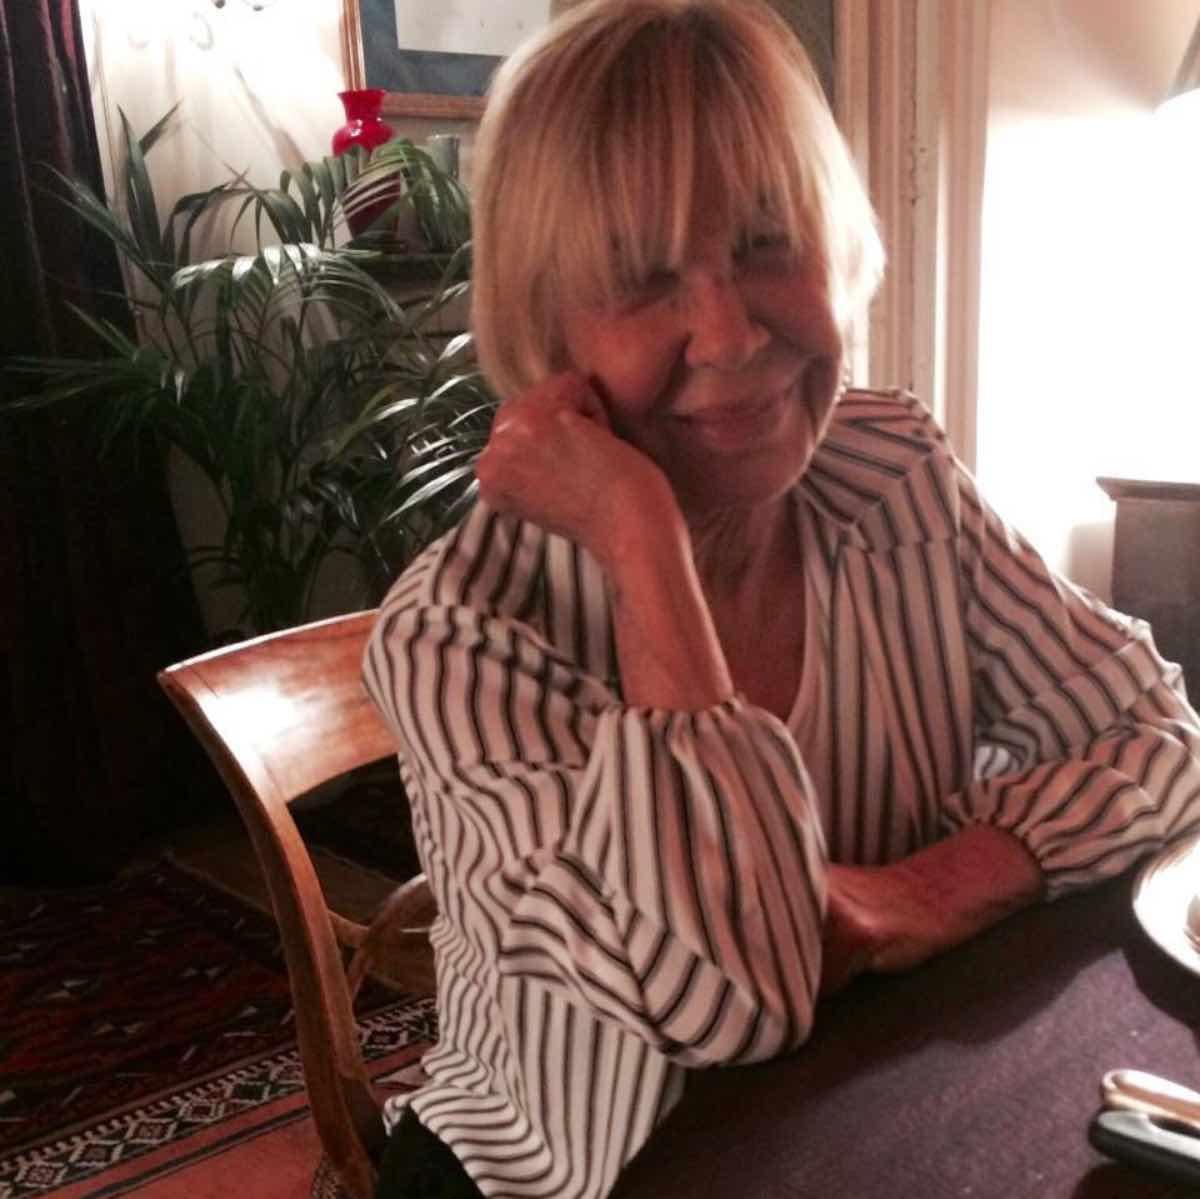 Wilma Goich ospite di Caterina Balivo a 'Vieni da me'